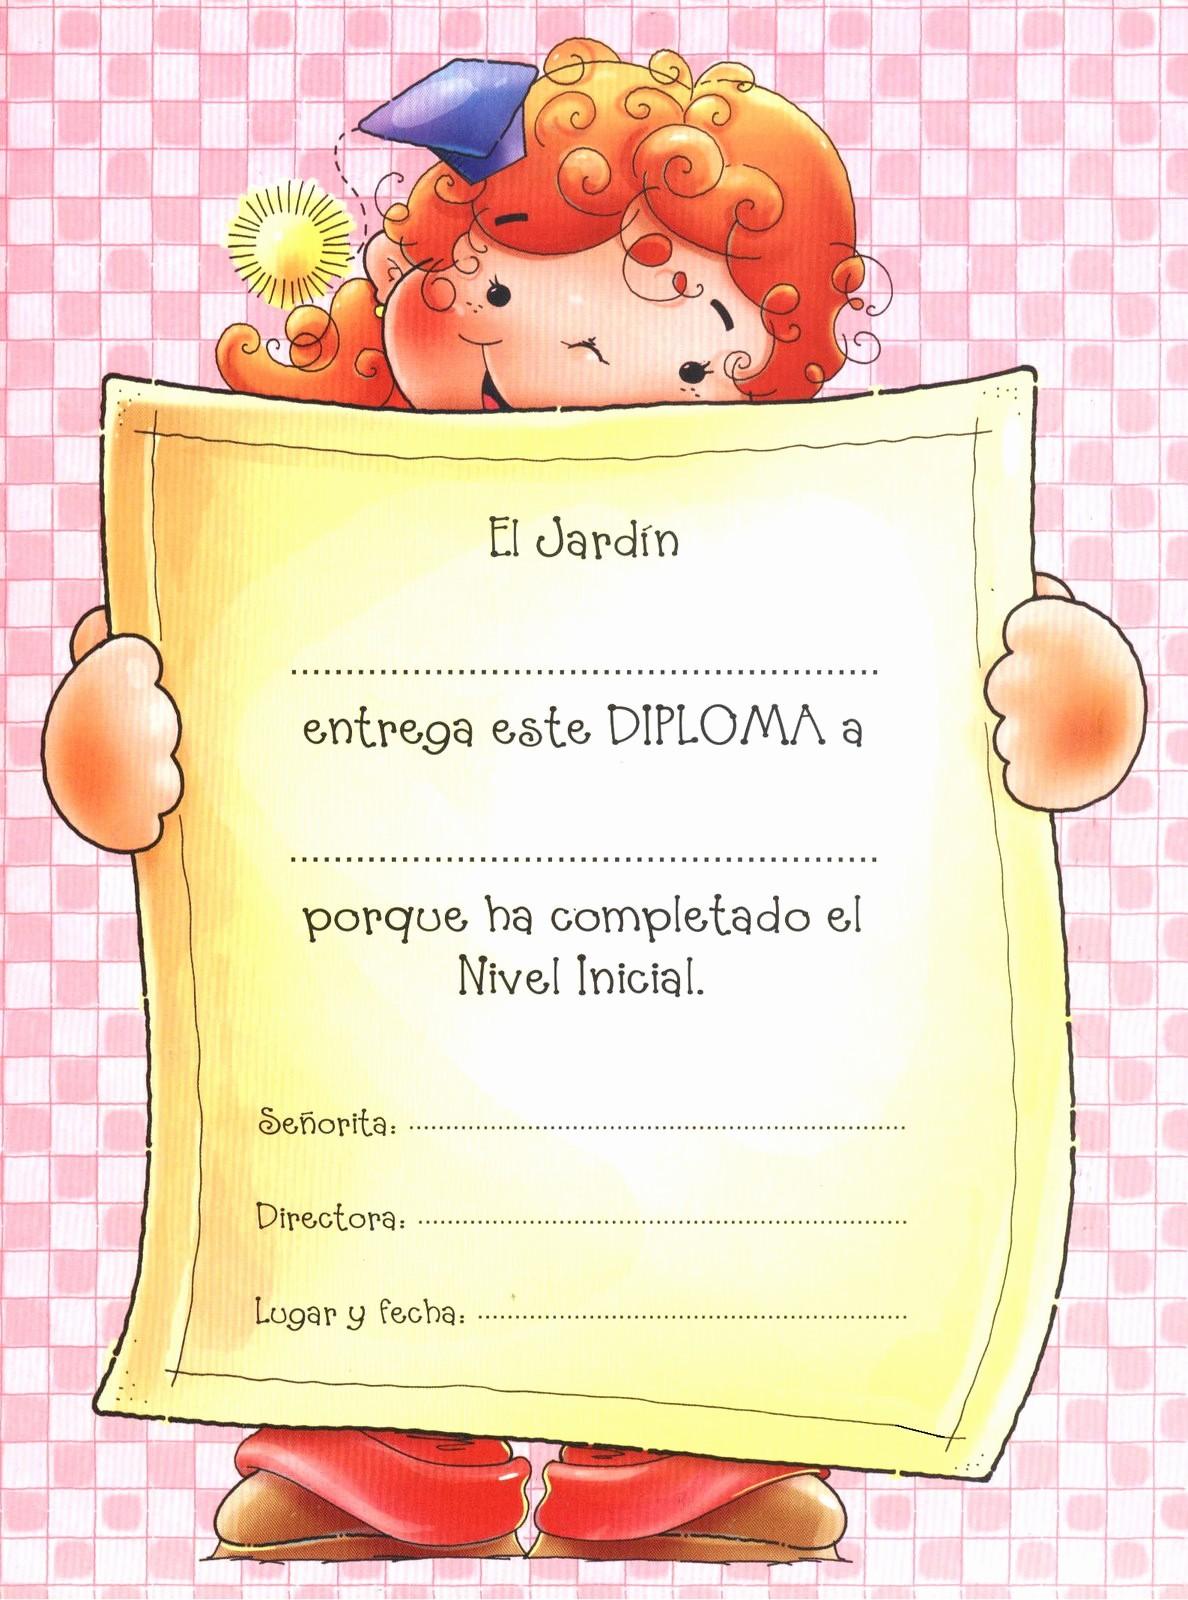 Formato De Diplomas Para Llenar Fresh El Rincón De andreto Marcos Y Plantillas Para Diplomas Y